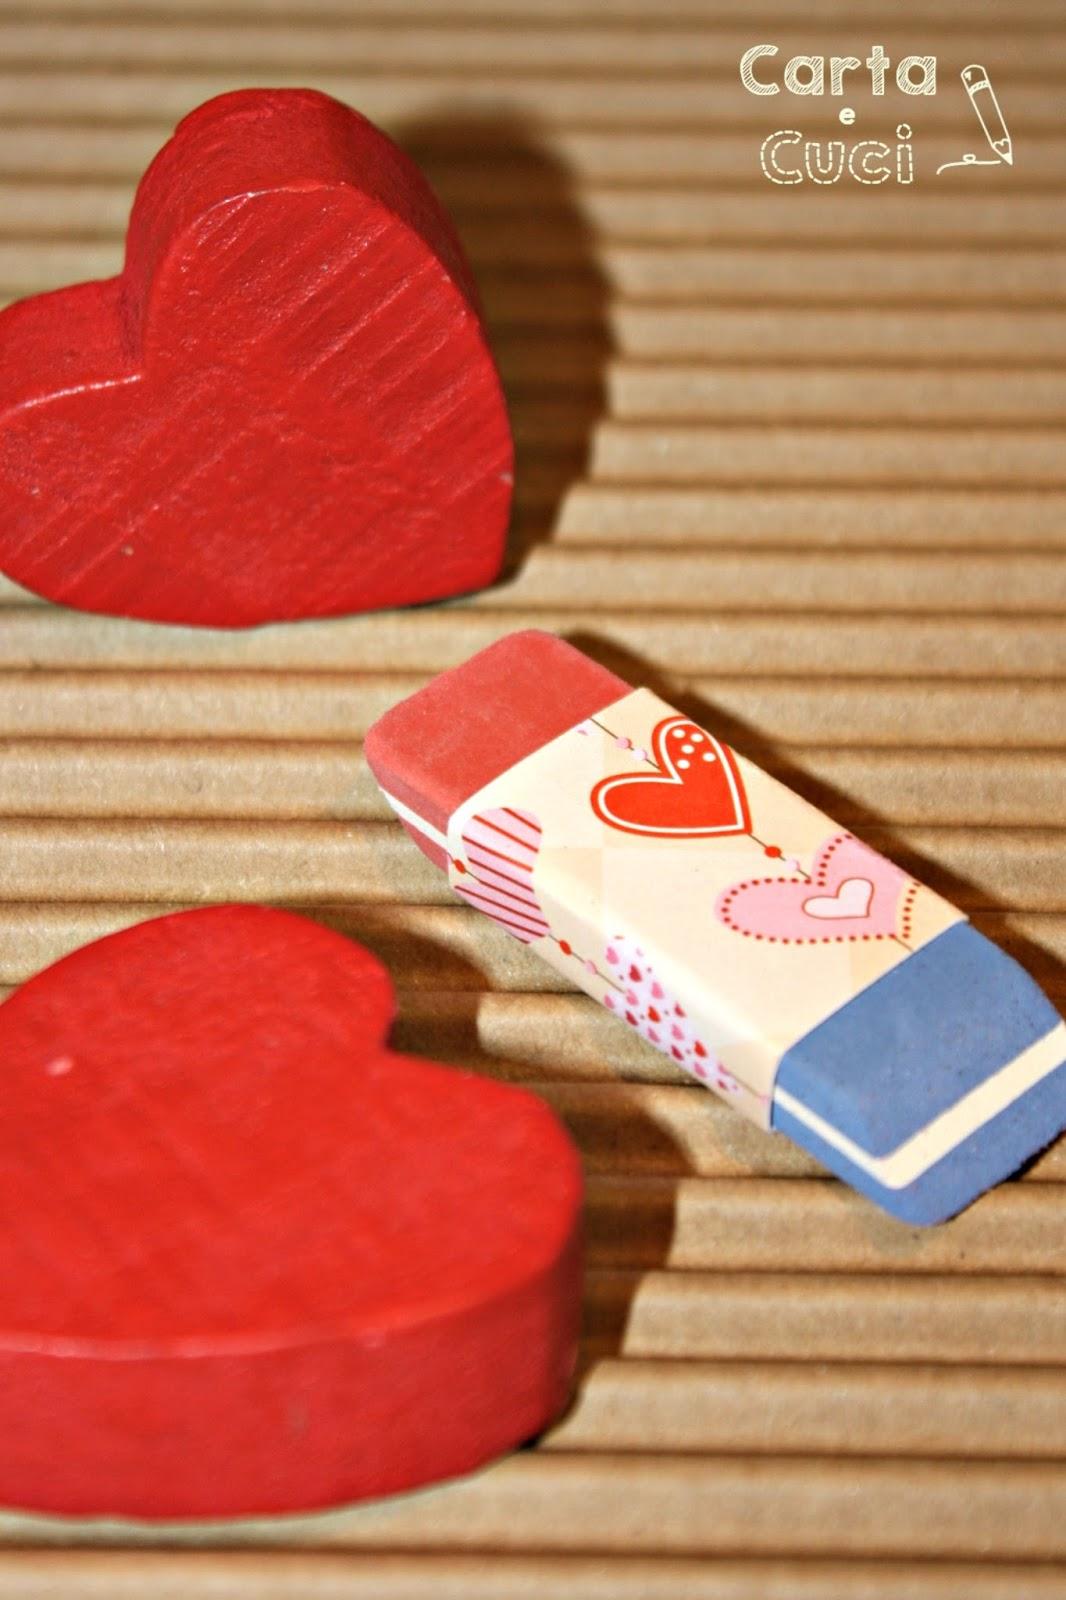 Carta e cuci il kit di sopravvivenza al matrimonio - Quando si rompe uno specchio ...